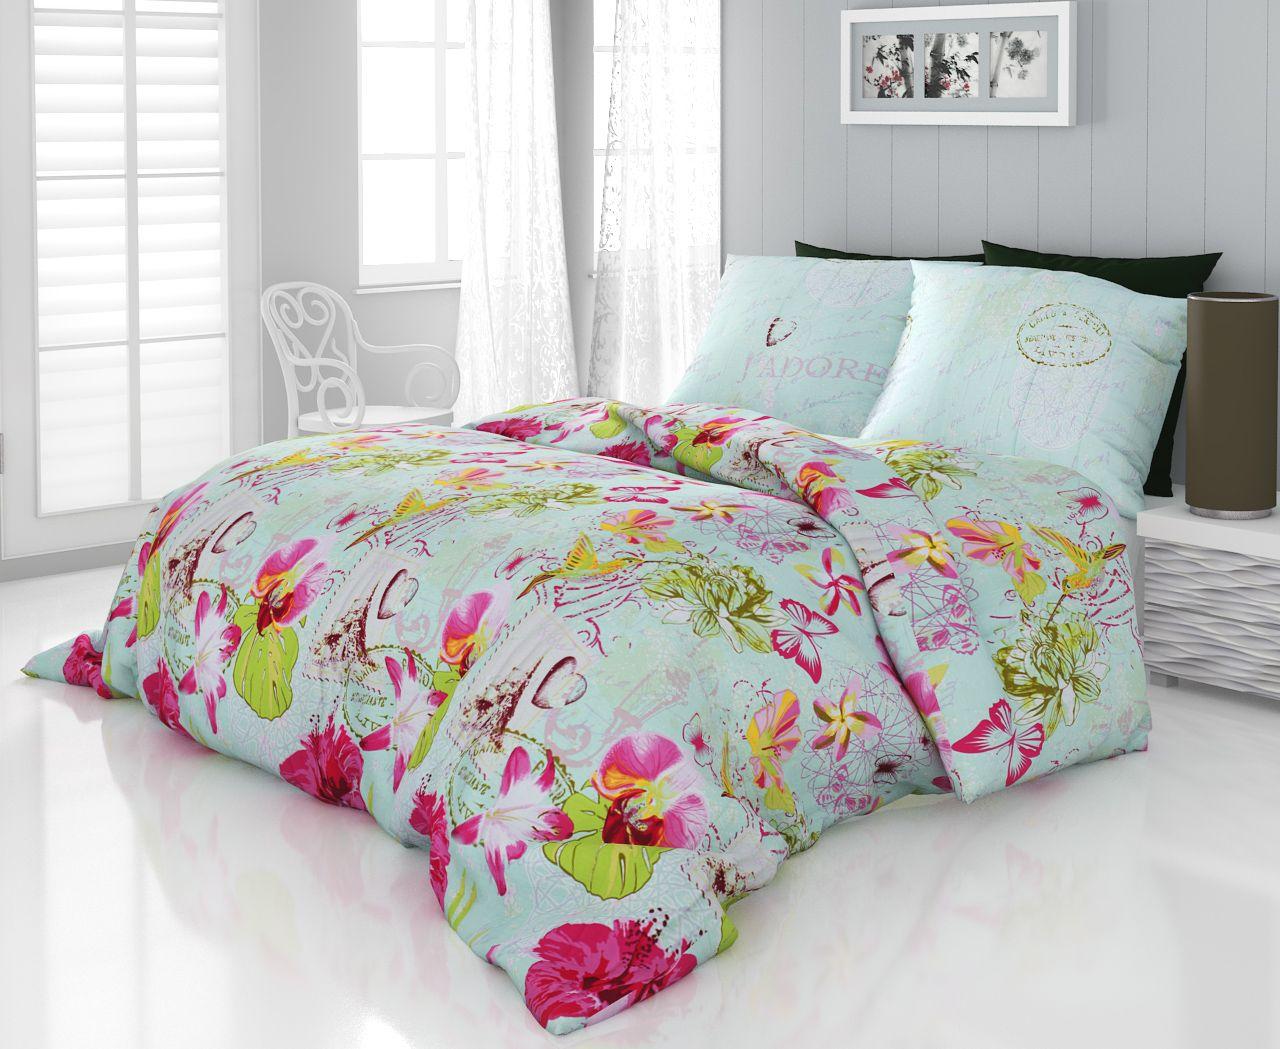 c75f61617 Luxusné saténové obliečky s moderným kvetinovým vzorom Kvalitex